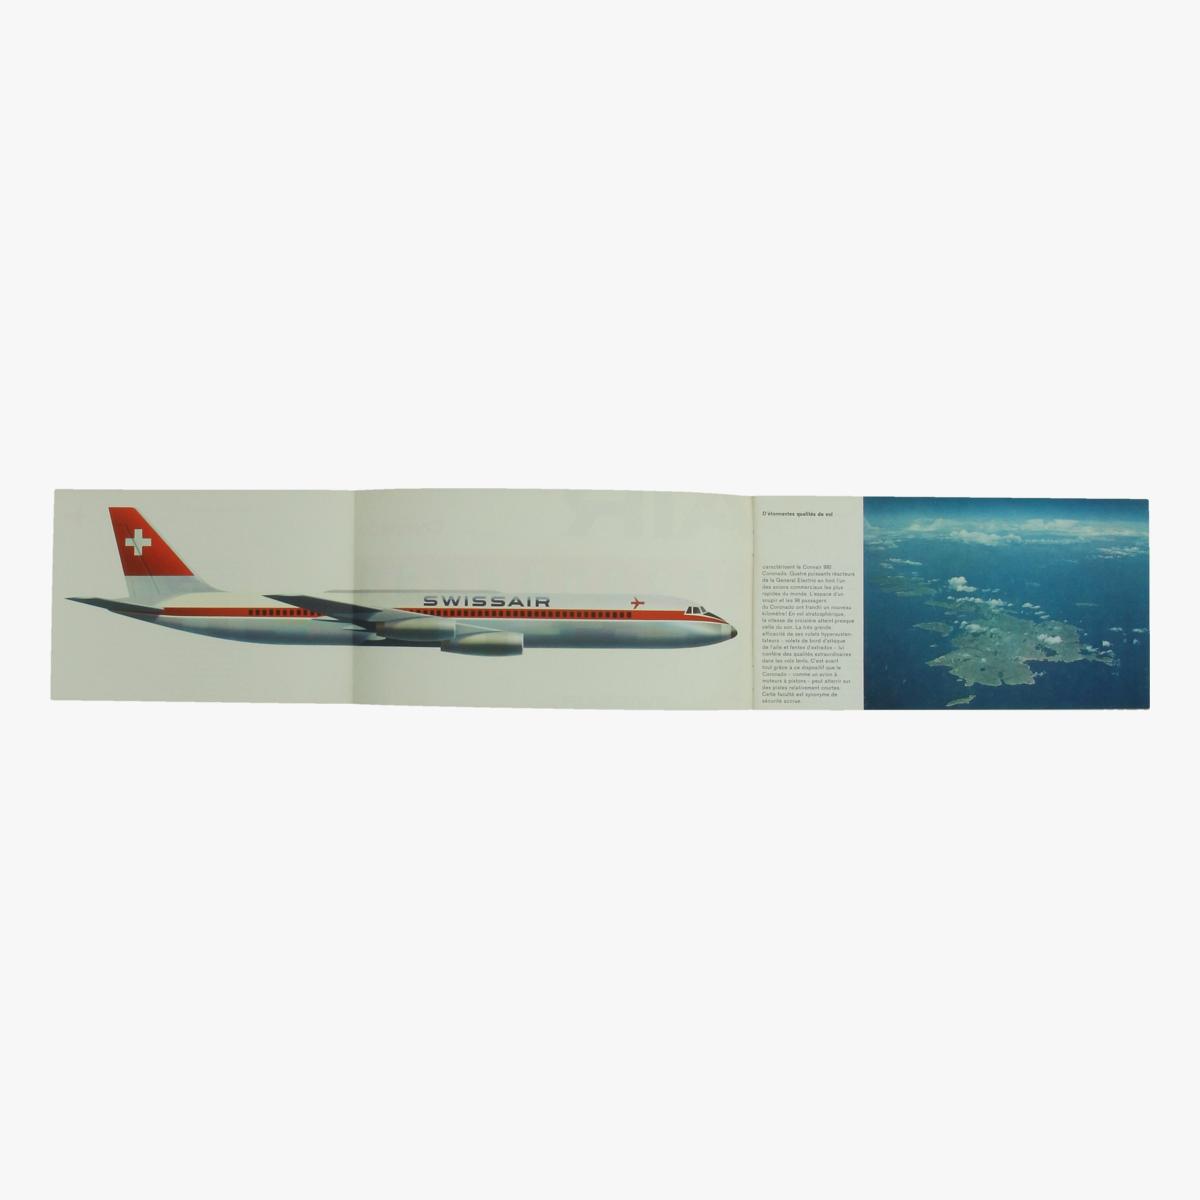 Afbeeldingen van folder swissair -  convair 990 - coronade